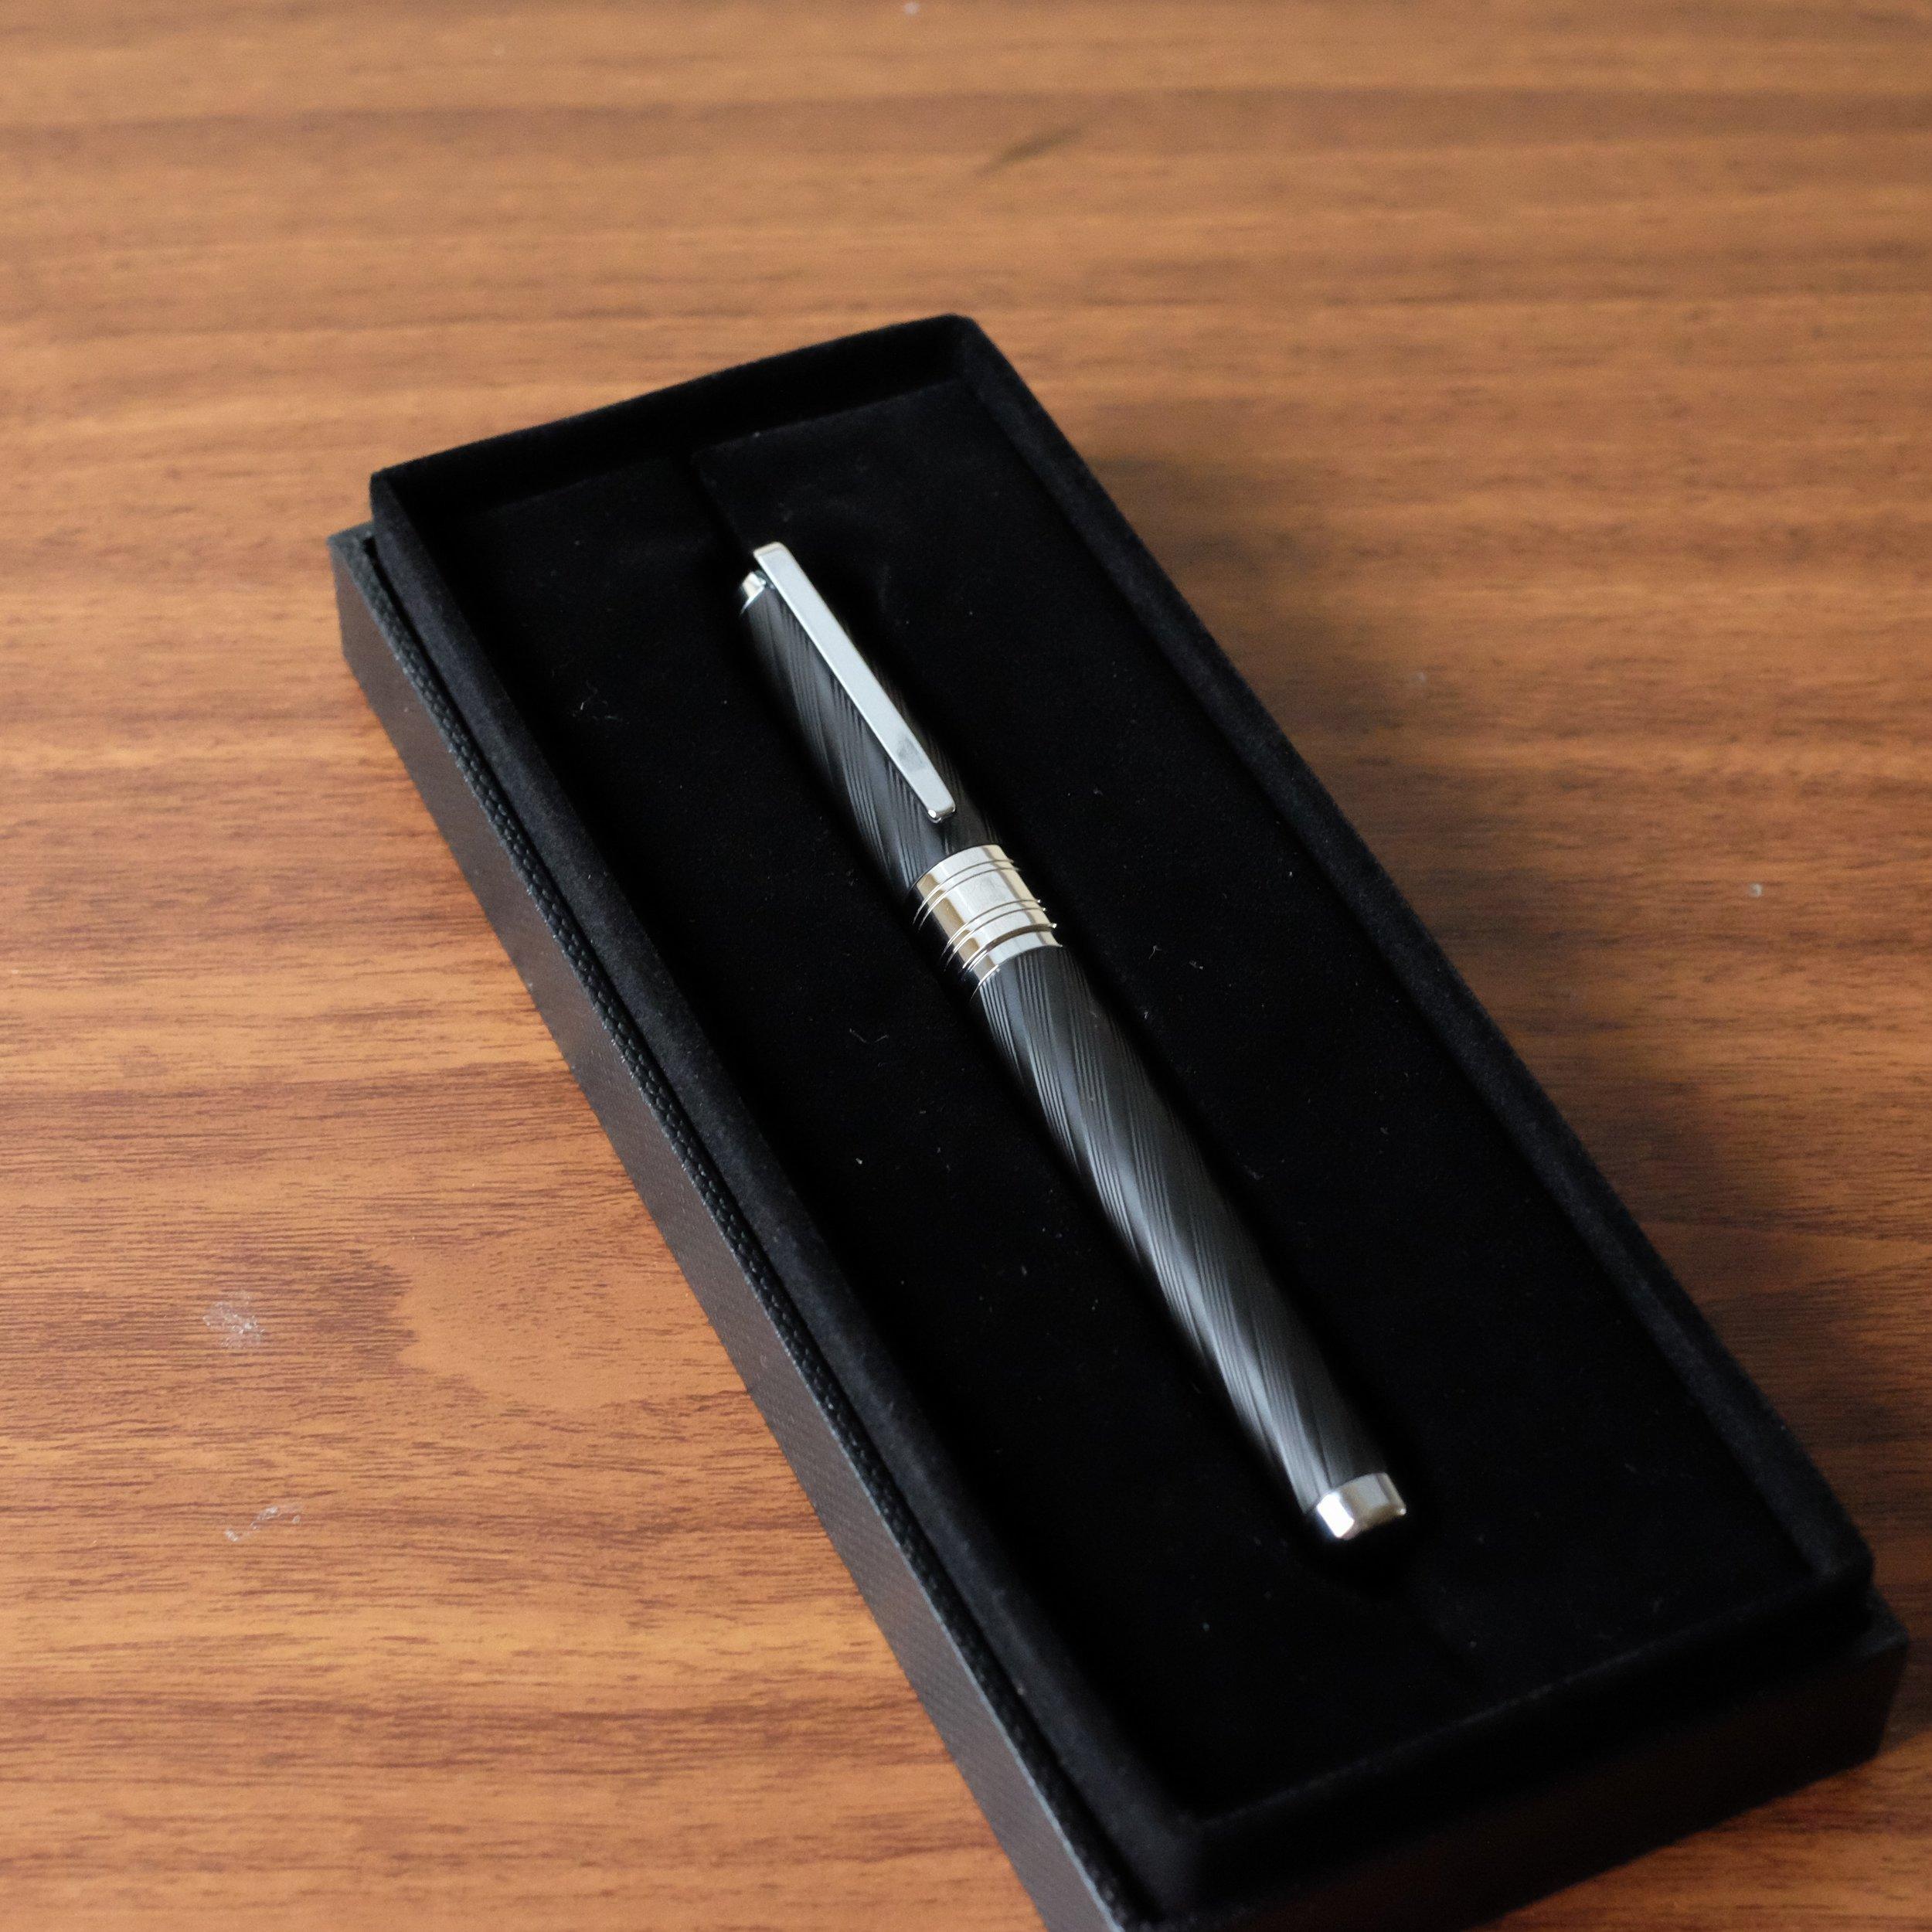 3952 X800 in Packaging